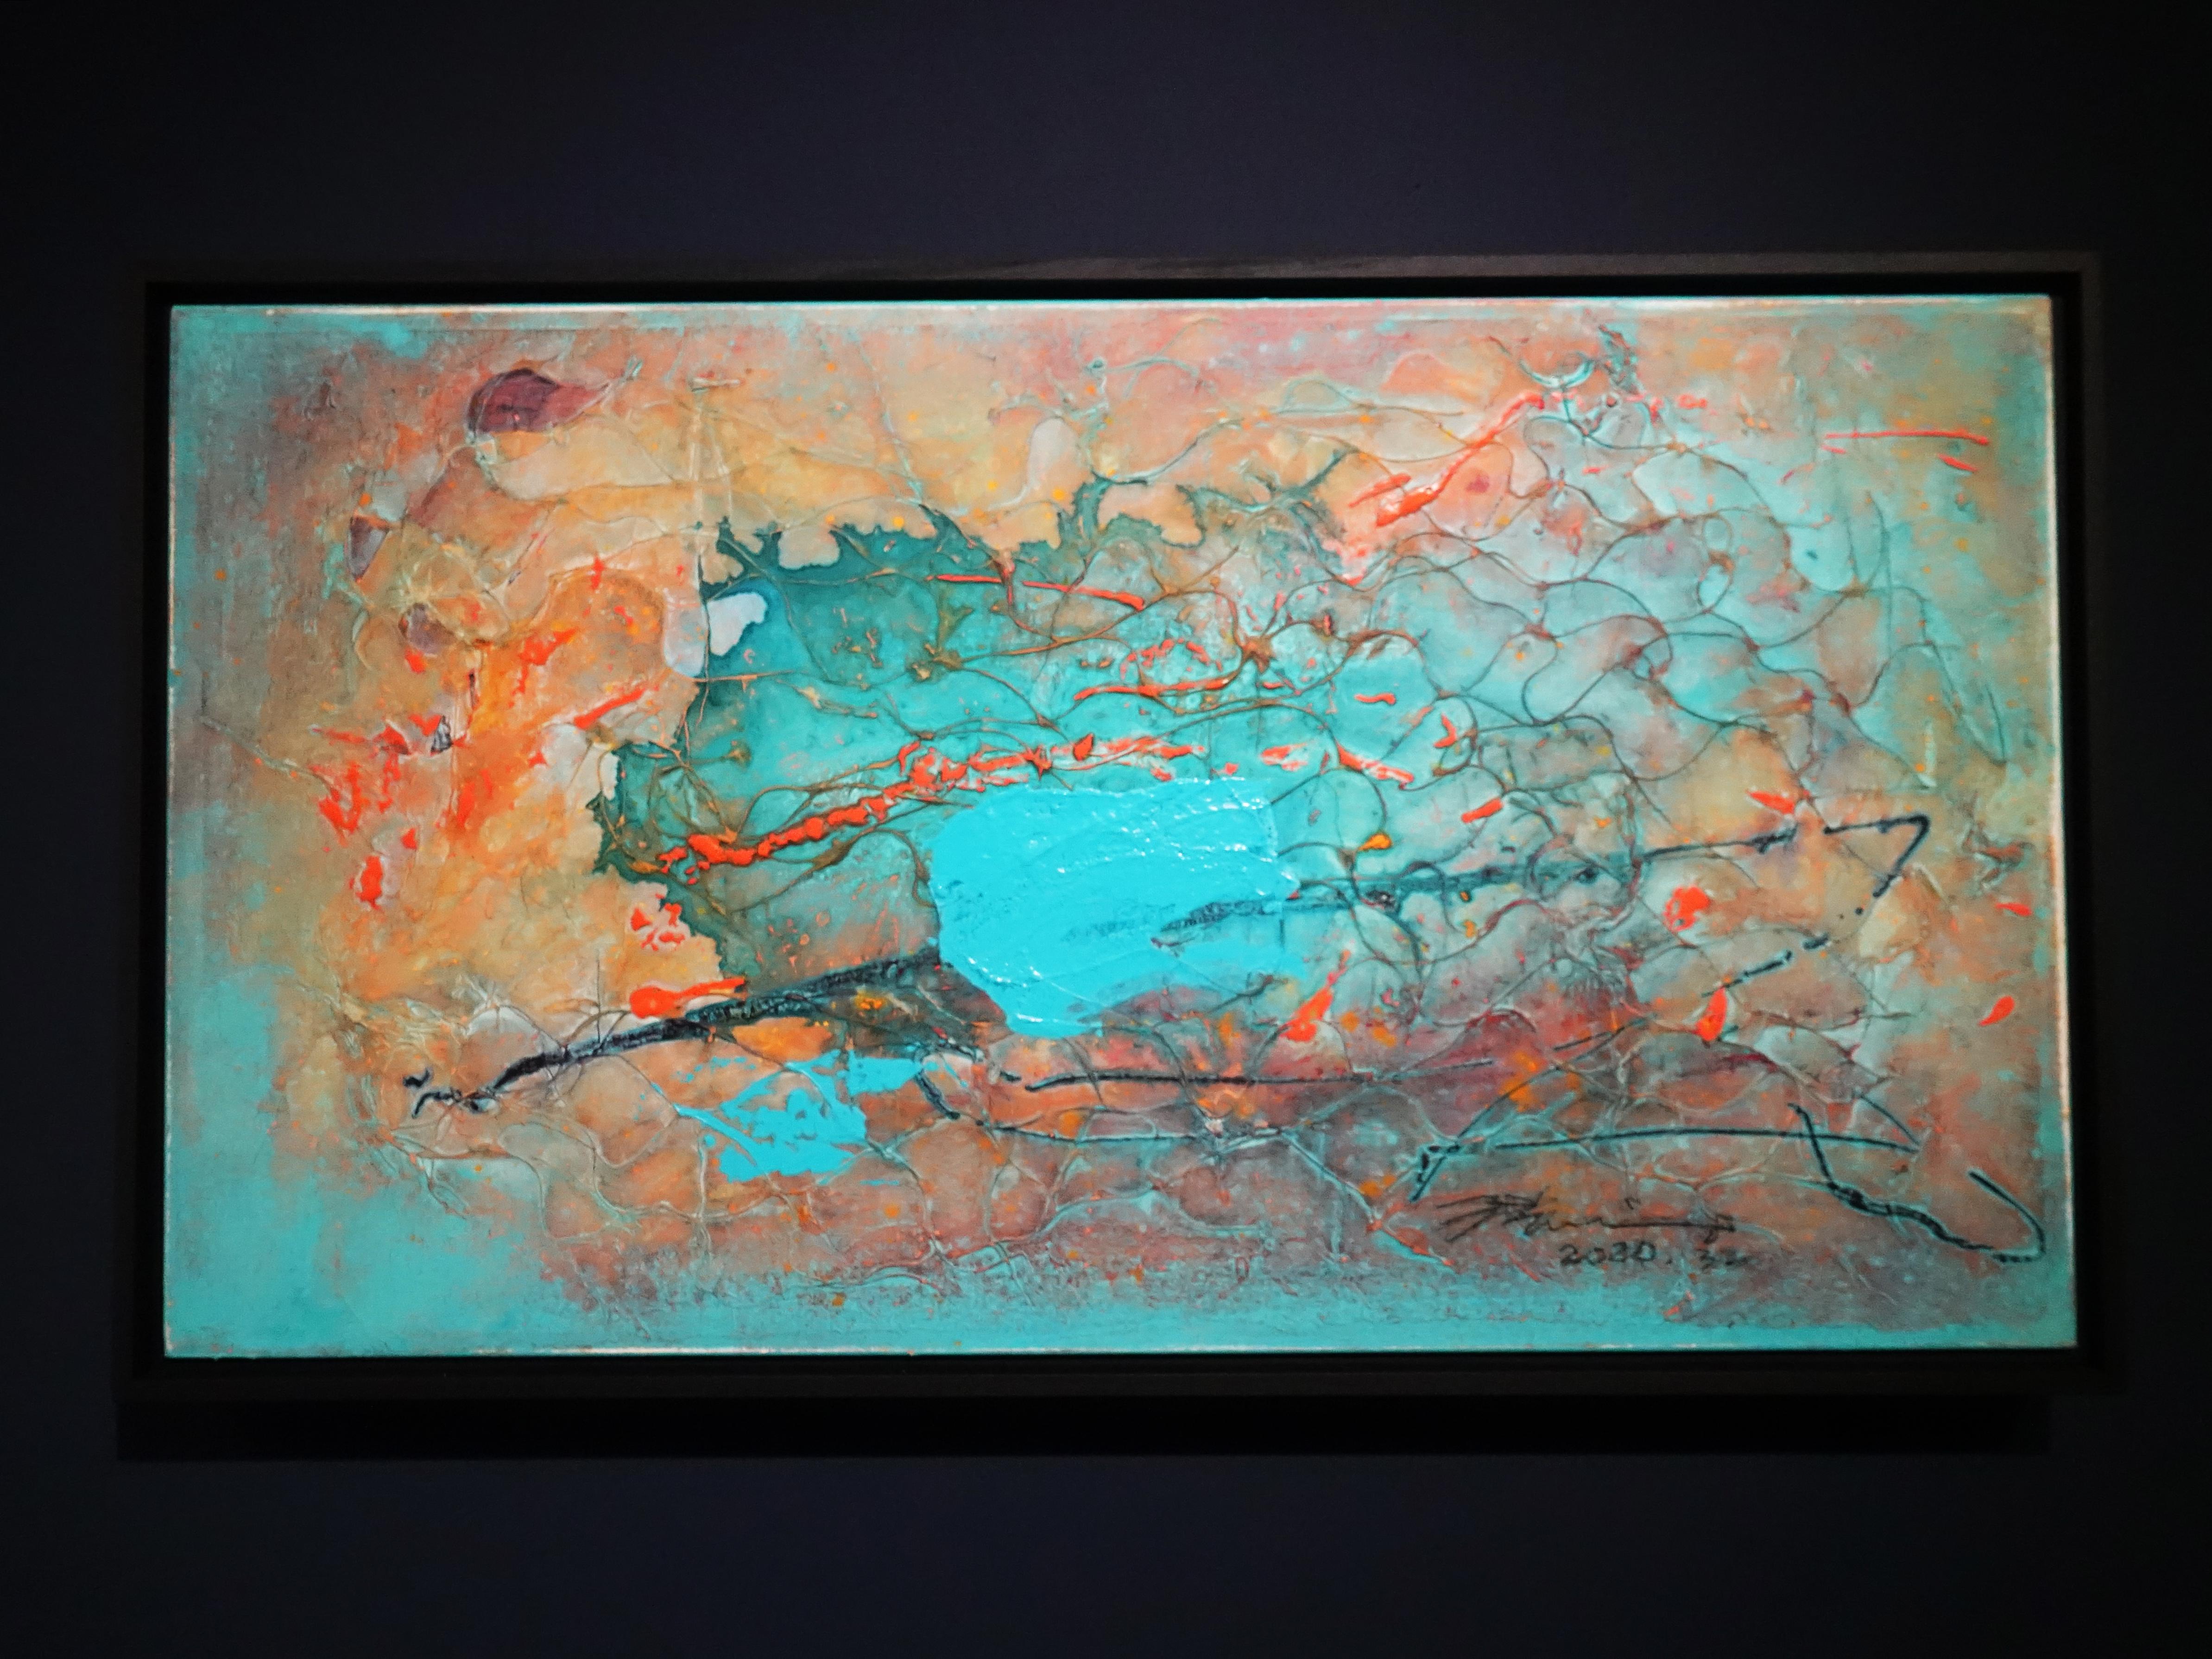 洪明爵,《海洋記憶》,90x50,複合媒材,2020。